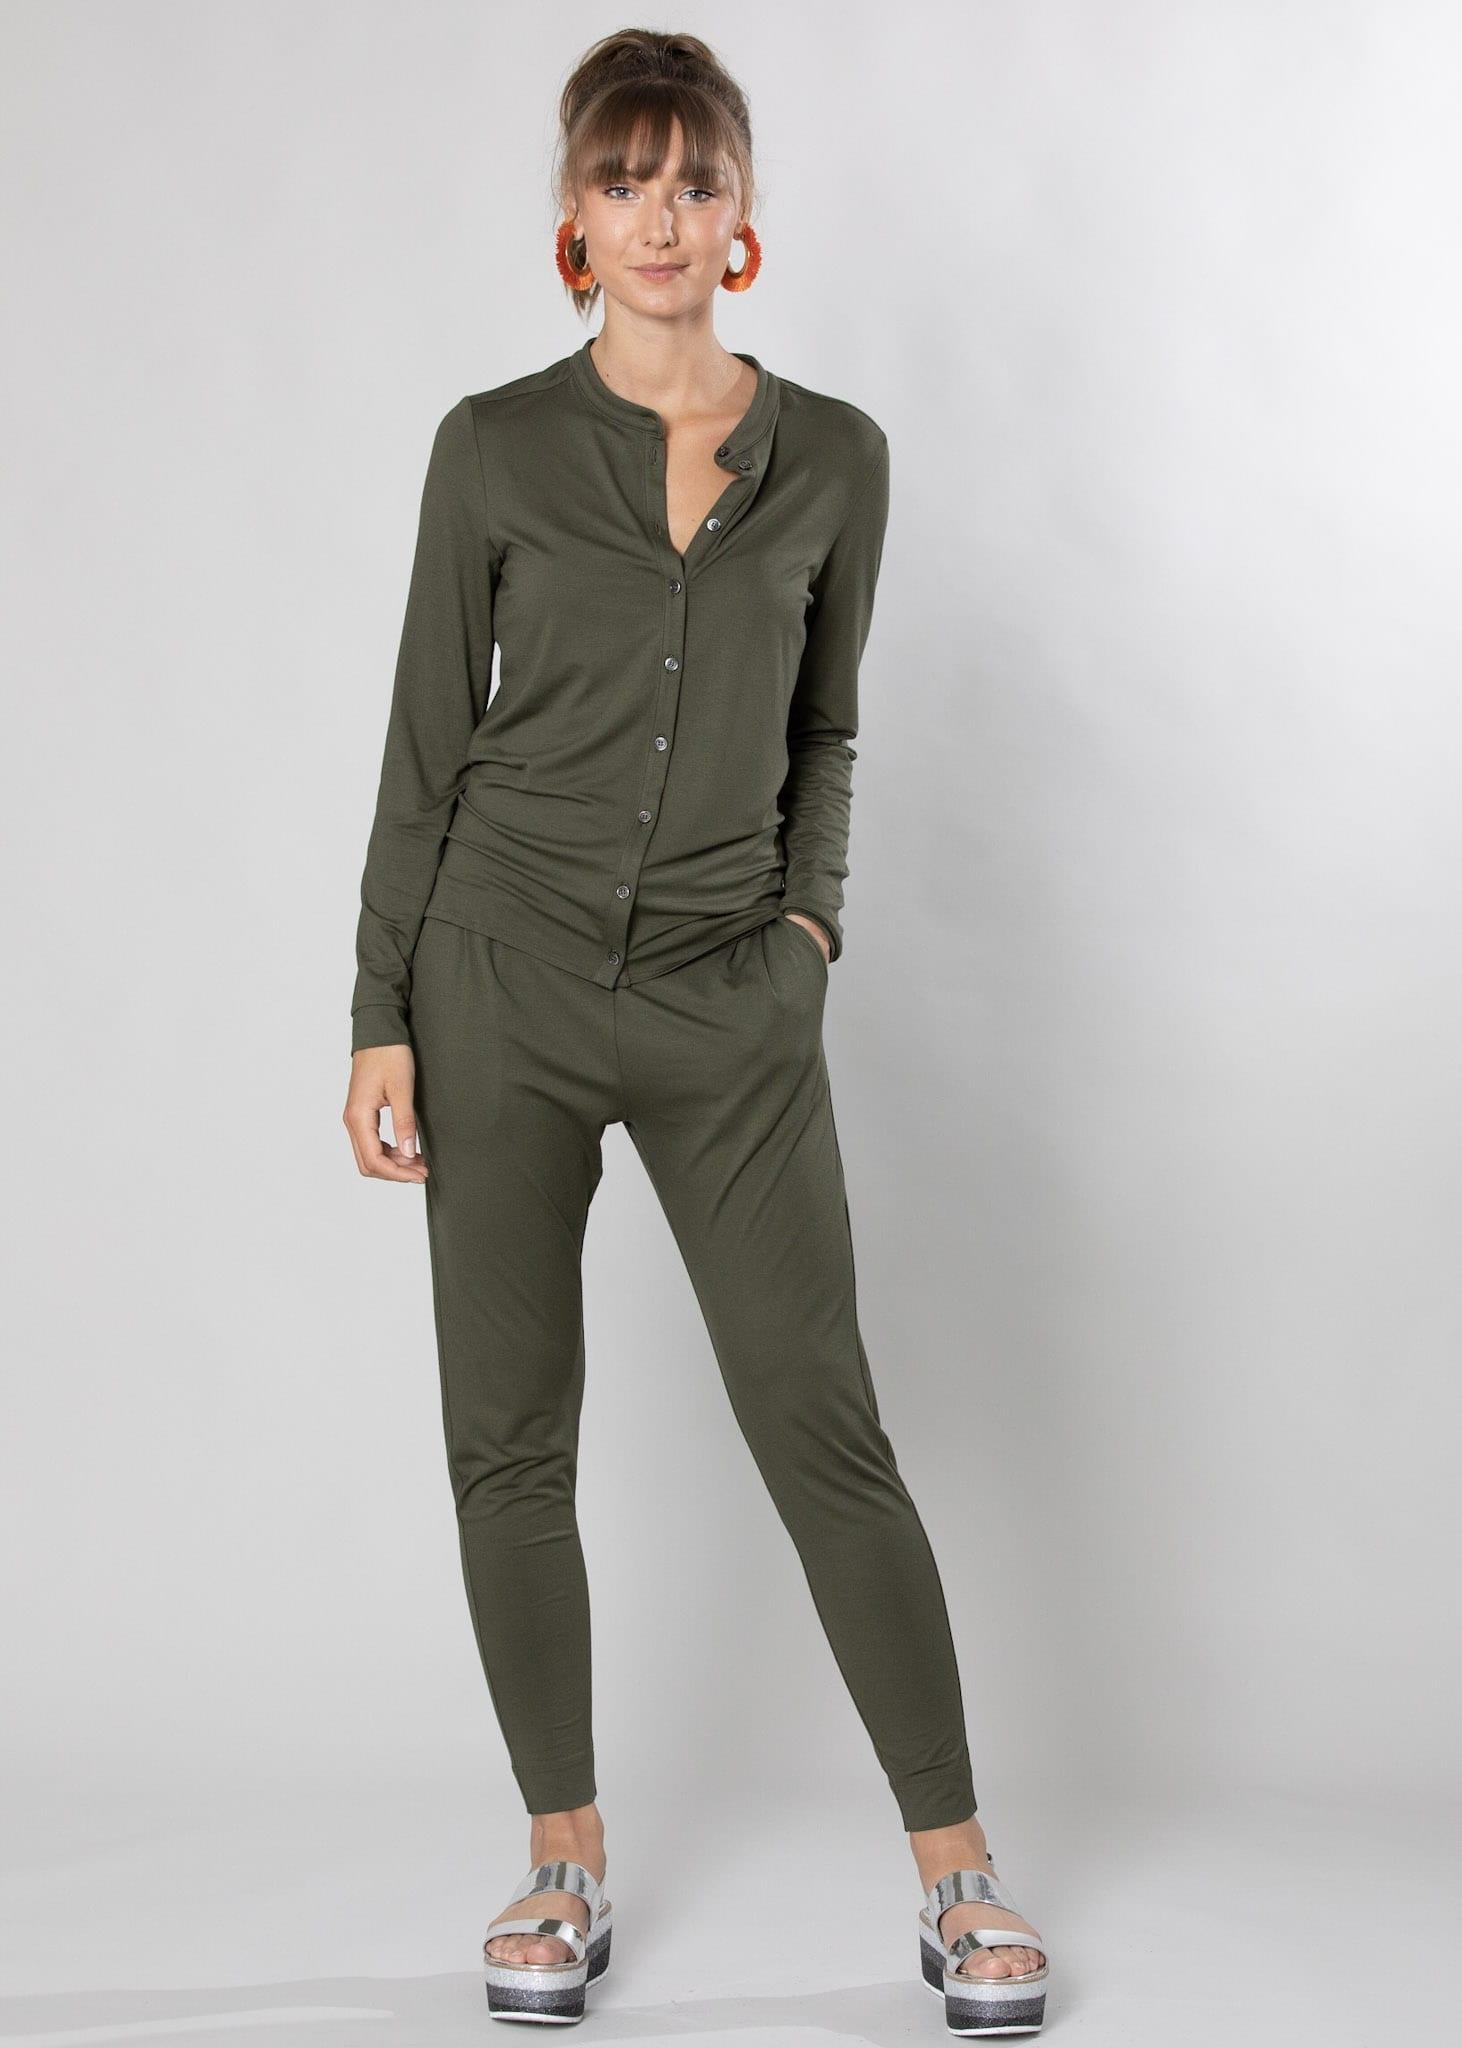 Jersey Bluse und Hose in oliv von Connemara